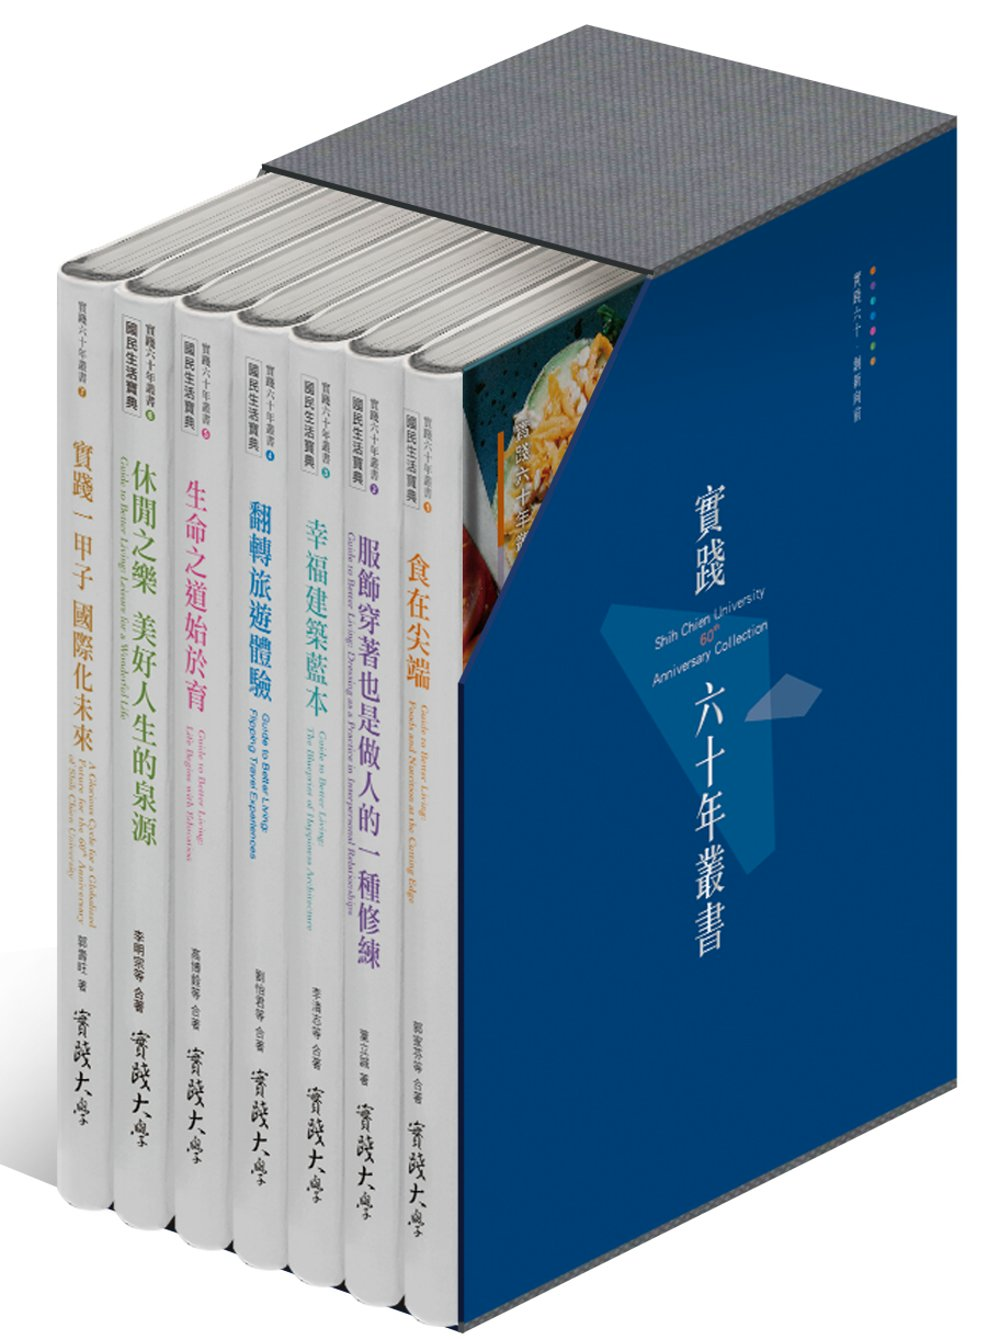 實踐六十年叢書(共七冊)